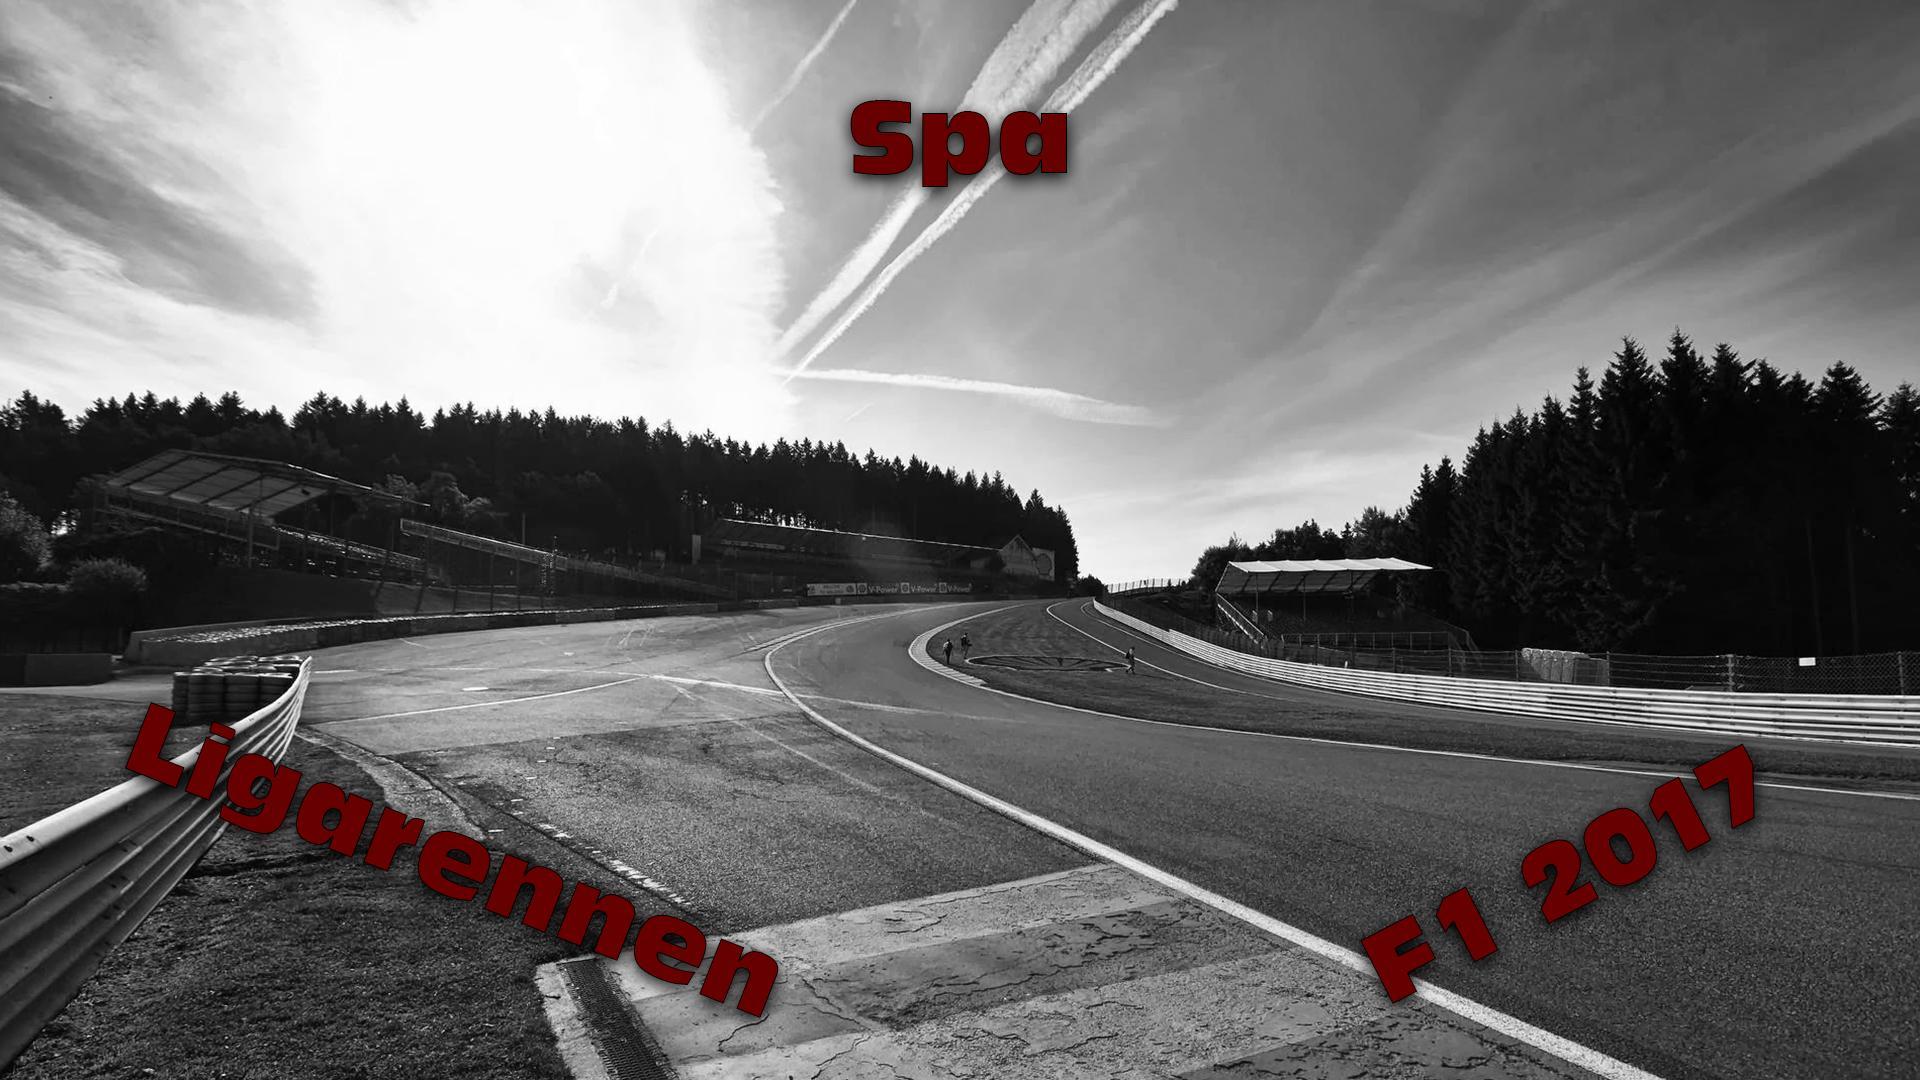 Immer wieder dieser Regen! | Spa #3 | F1 2017 | Ligarennen [GER] [HD]★ SPIEL & GÄSTE